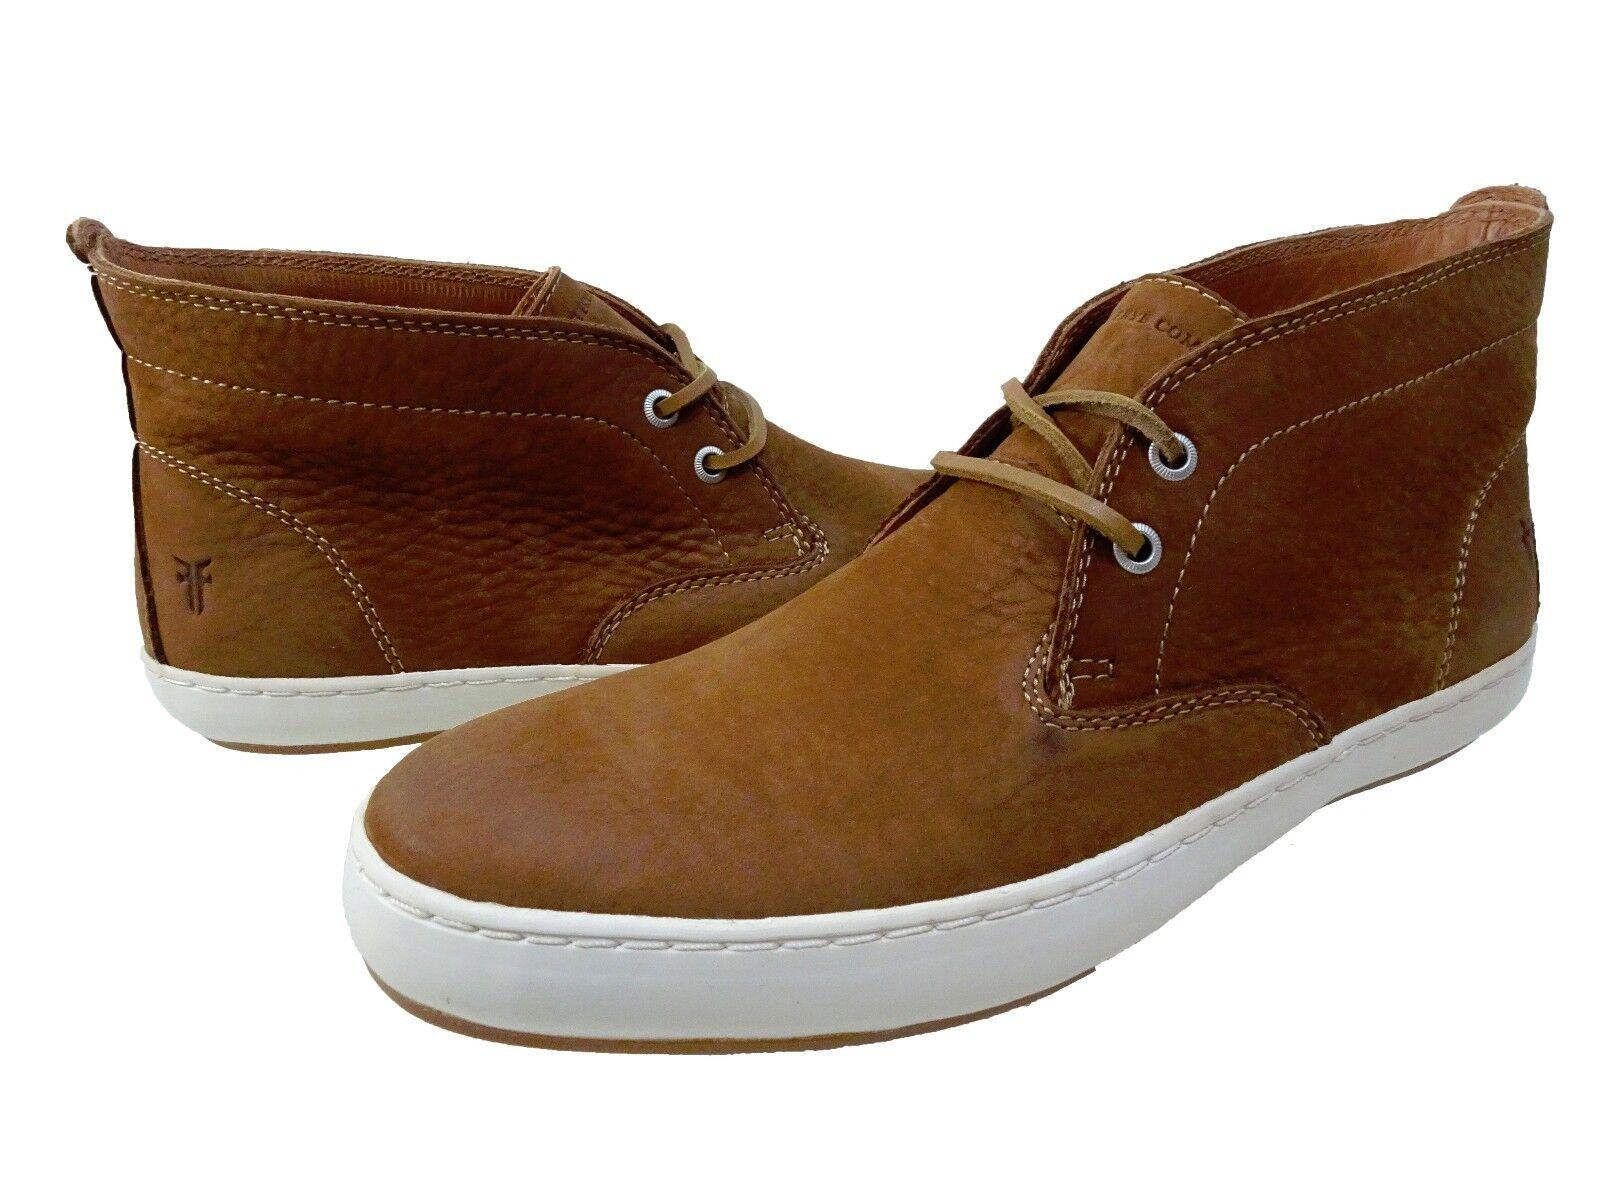 Frye Norfolk pour Homme Chukka Décontracté à Lacets Mode Cheville Bottes Chaussures De Marche